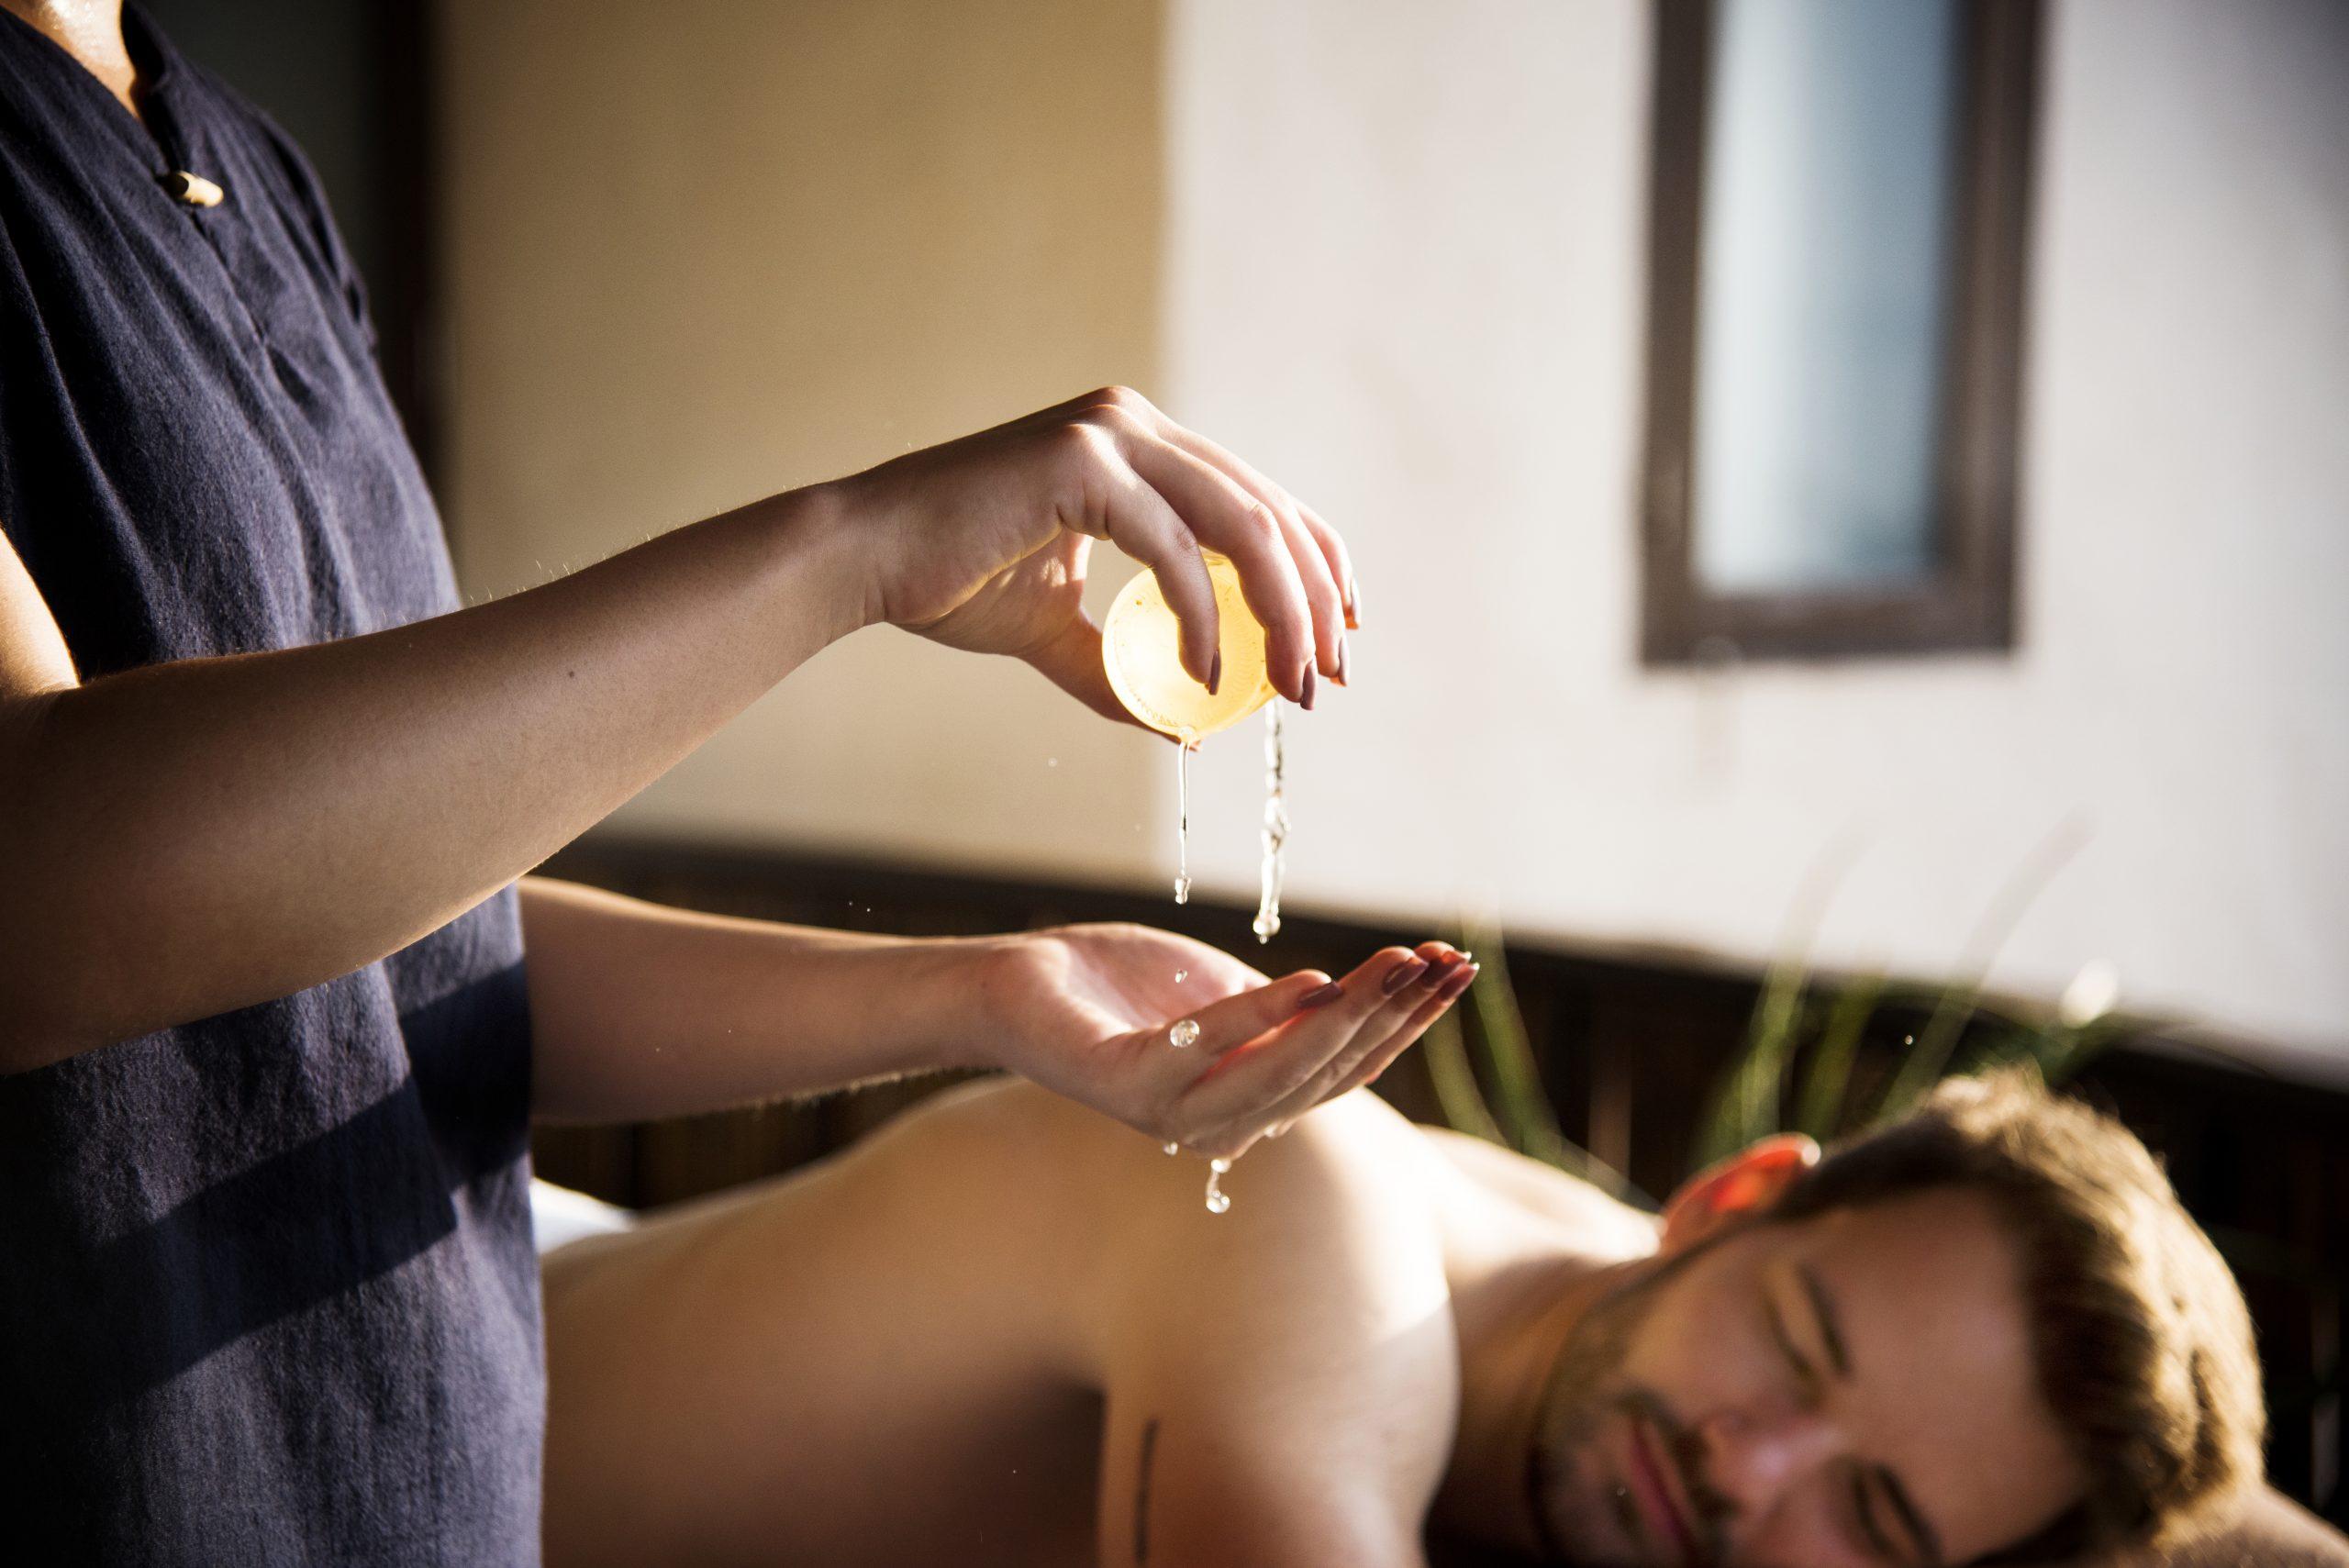 medová masáž, muž